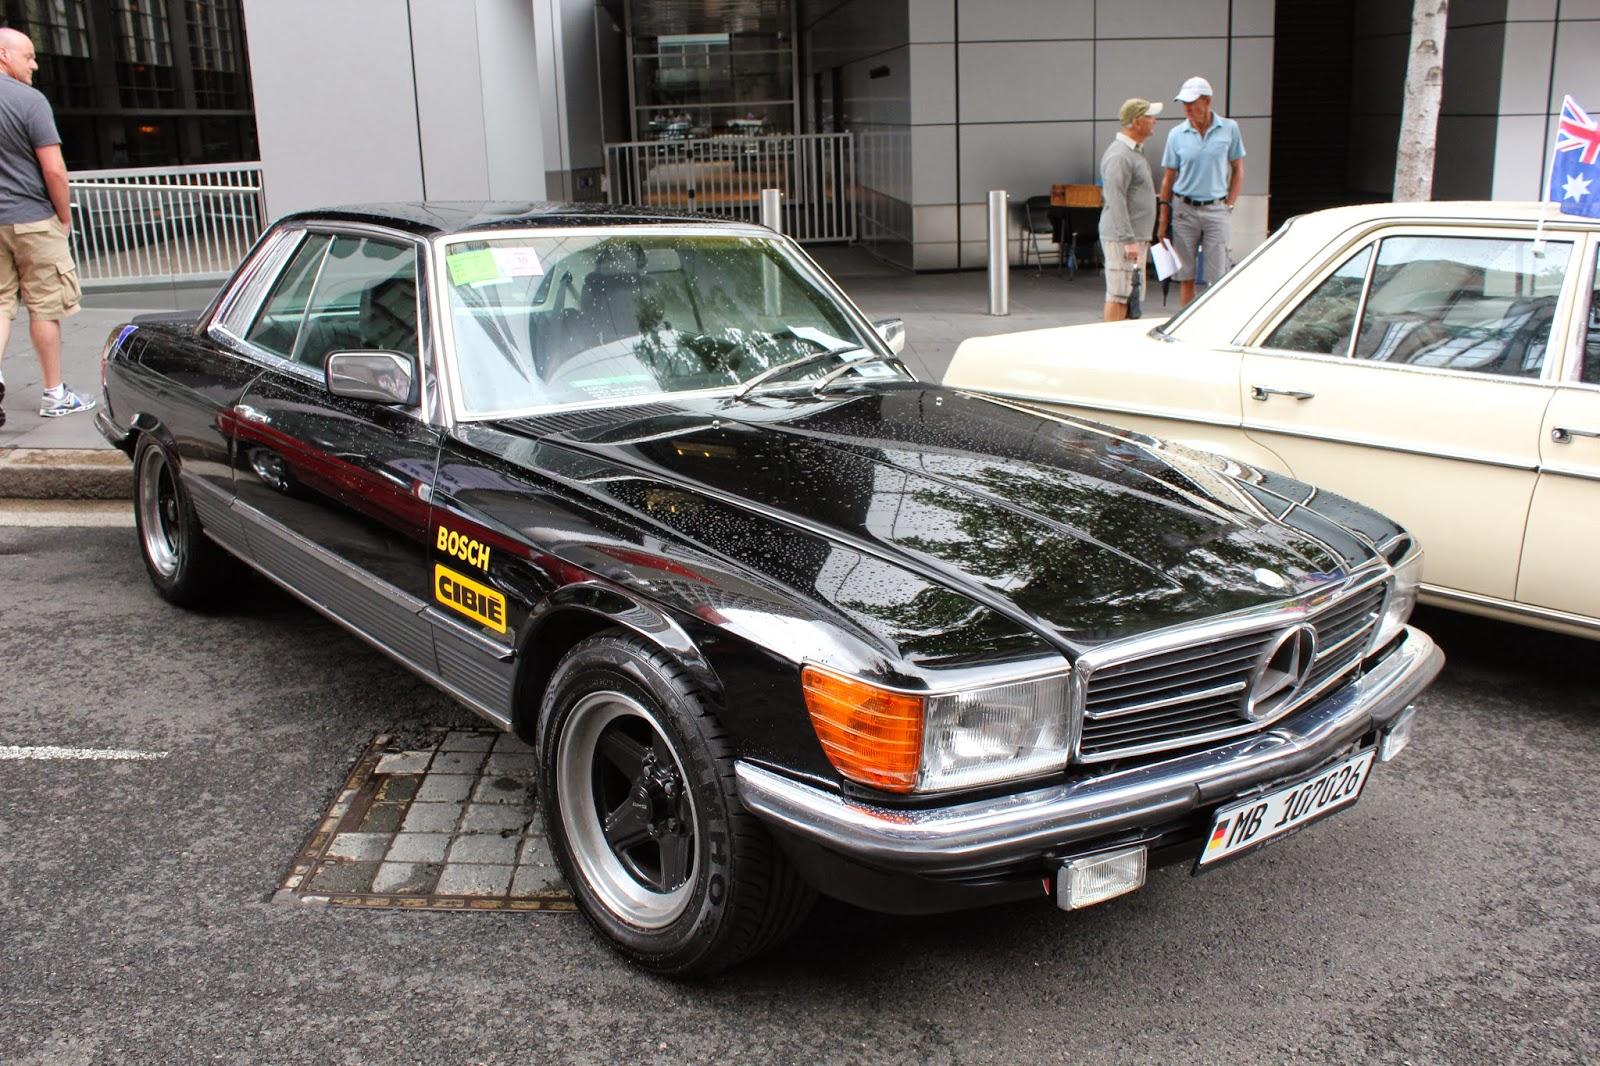 aussie old parked cars 1981 mercedes benz c107 500 slc. Black Bedroom Furniture Sets. Home Design Ideas